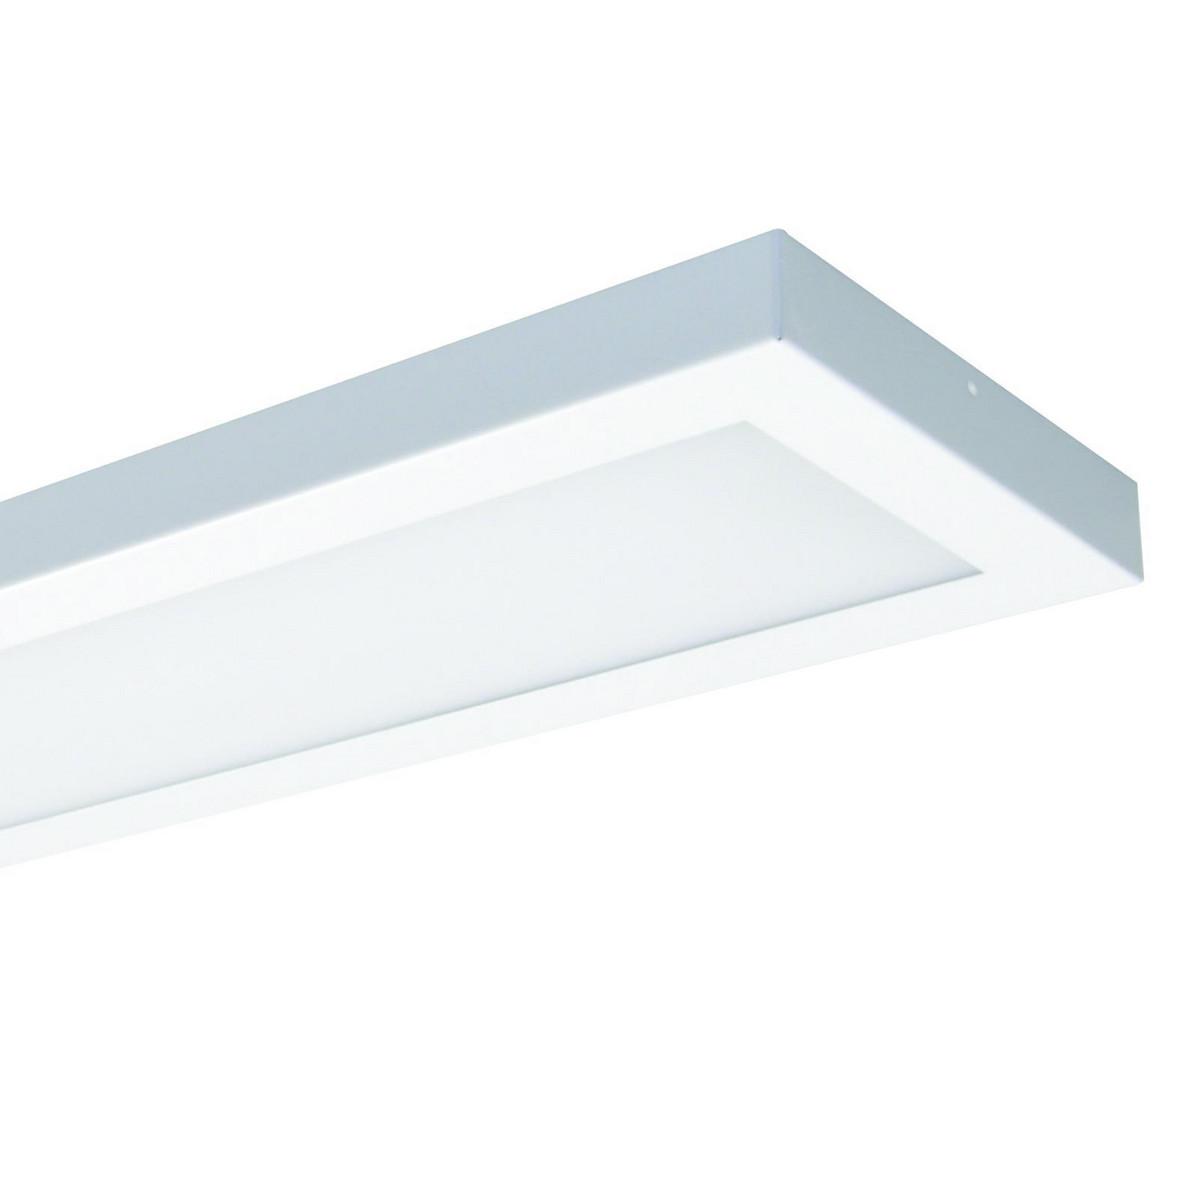 NAOS LED 1200 6400/840 IP20, hvid